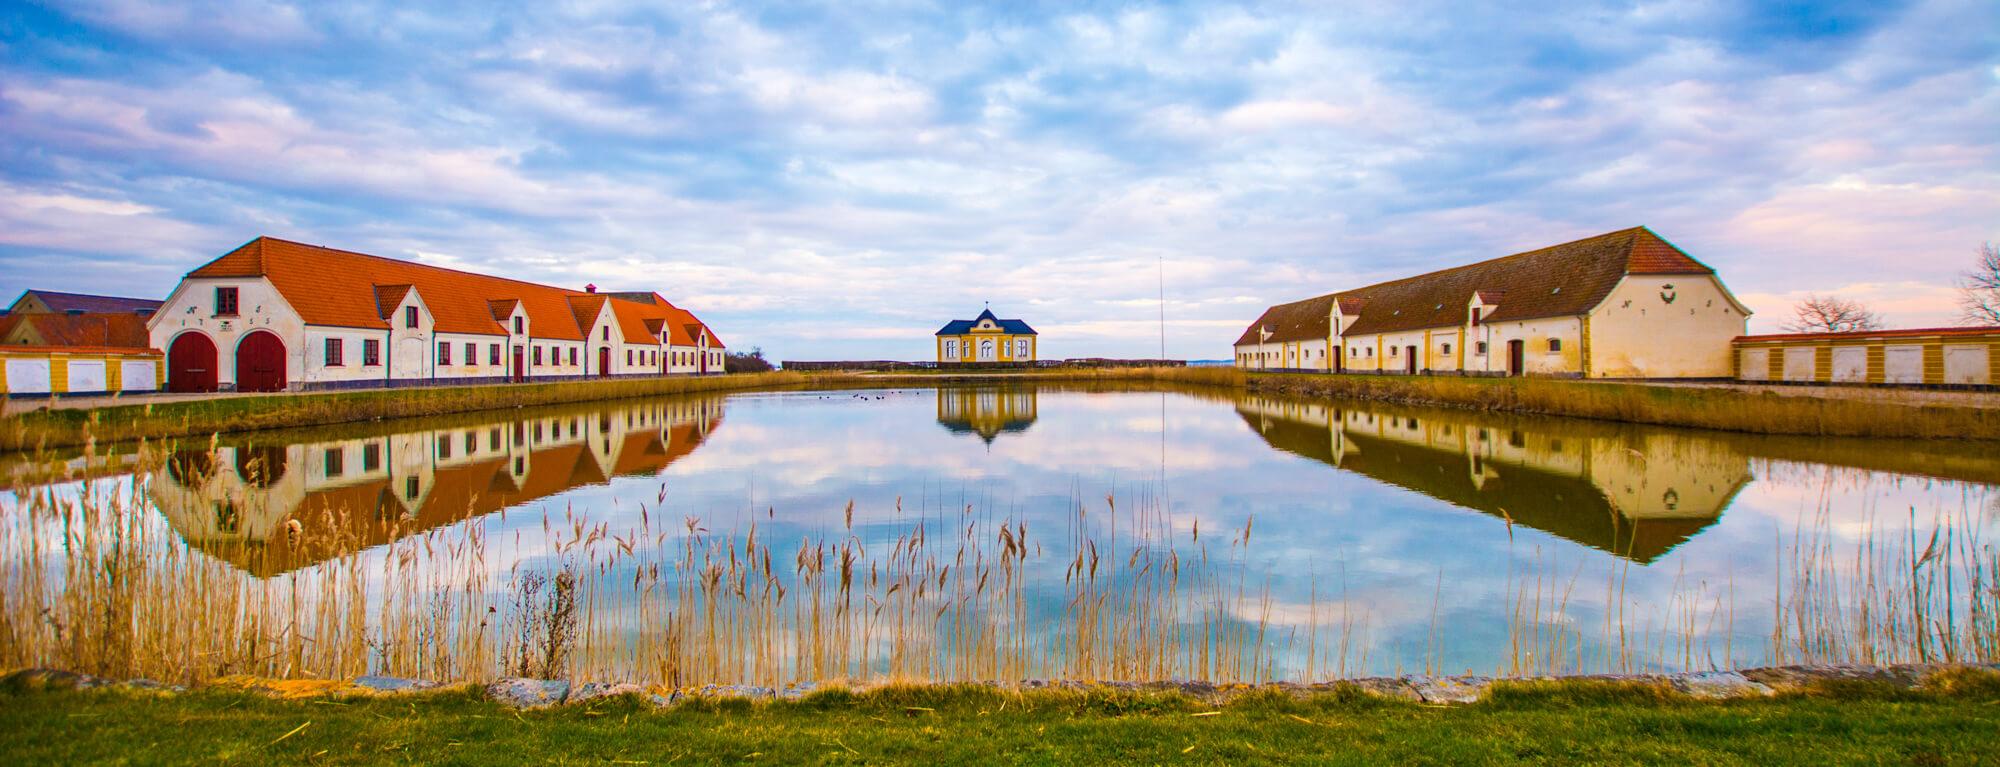 taasinge-valdemars-slot